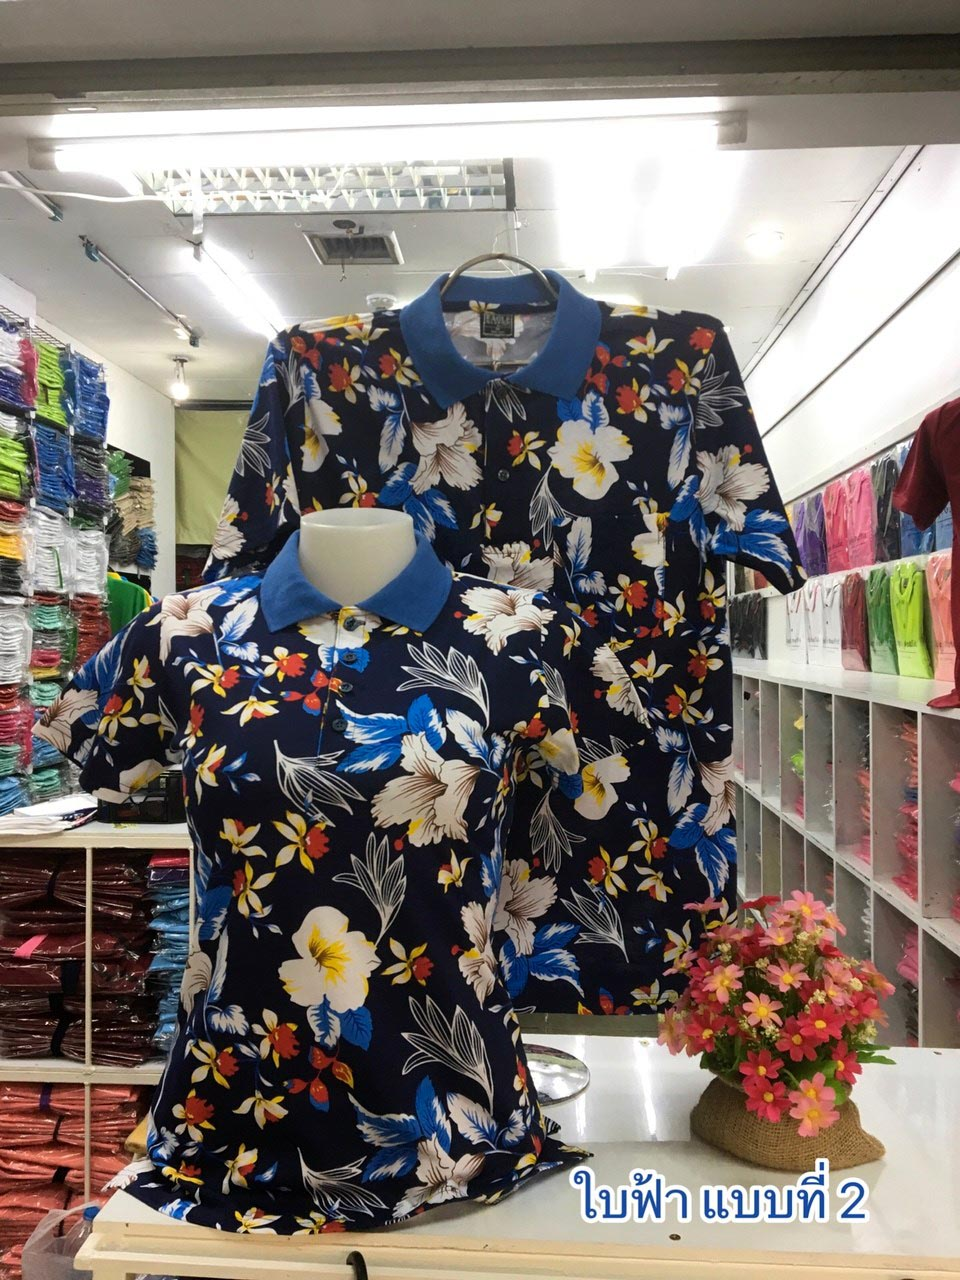 เสื้อโปโลลายดอก ใบฟ้าแบบ2 เนื้อผ้า COTTON100% เหลือ ชาย XXL